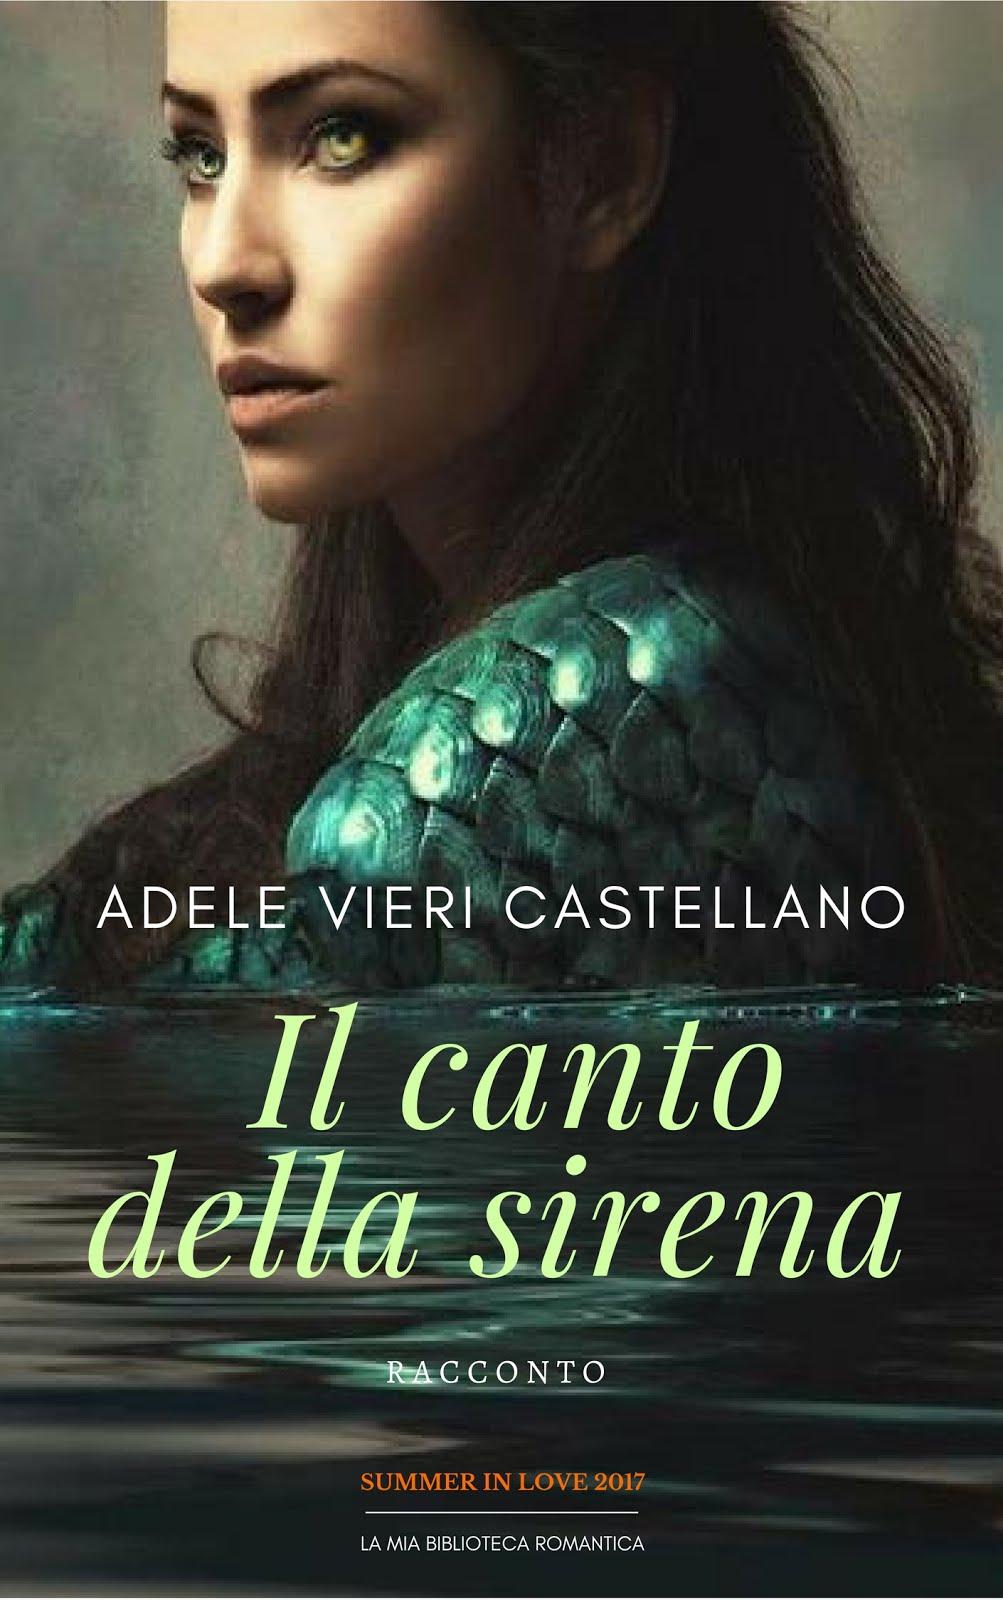 Adele V. Castellano